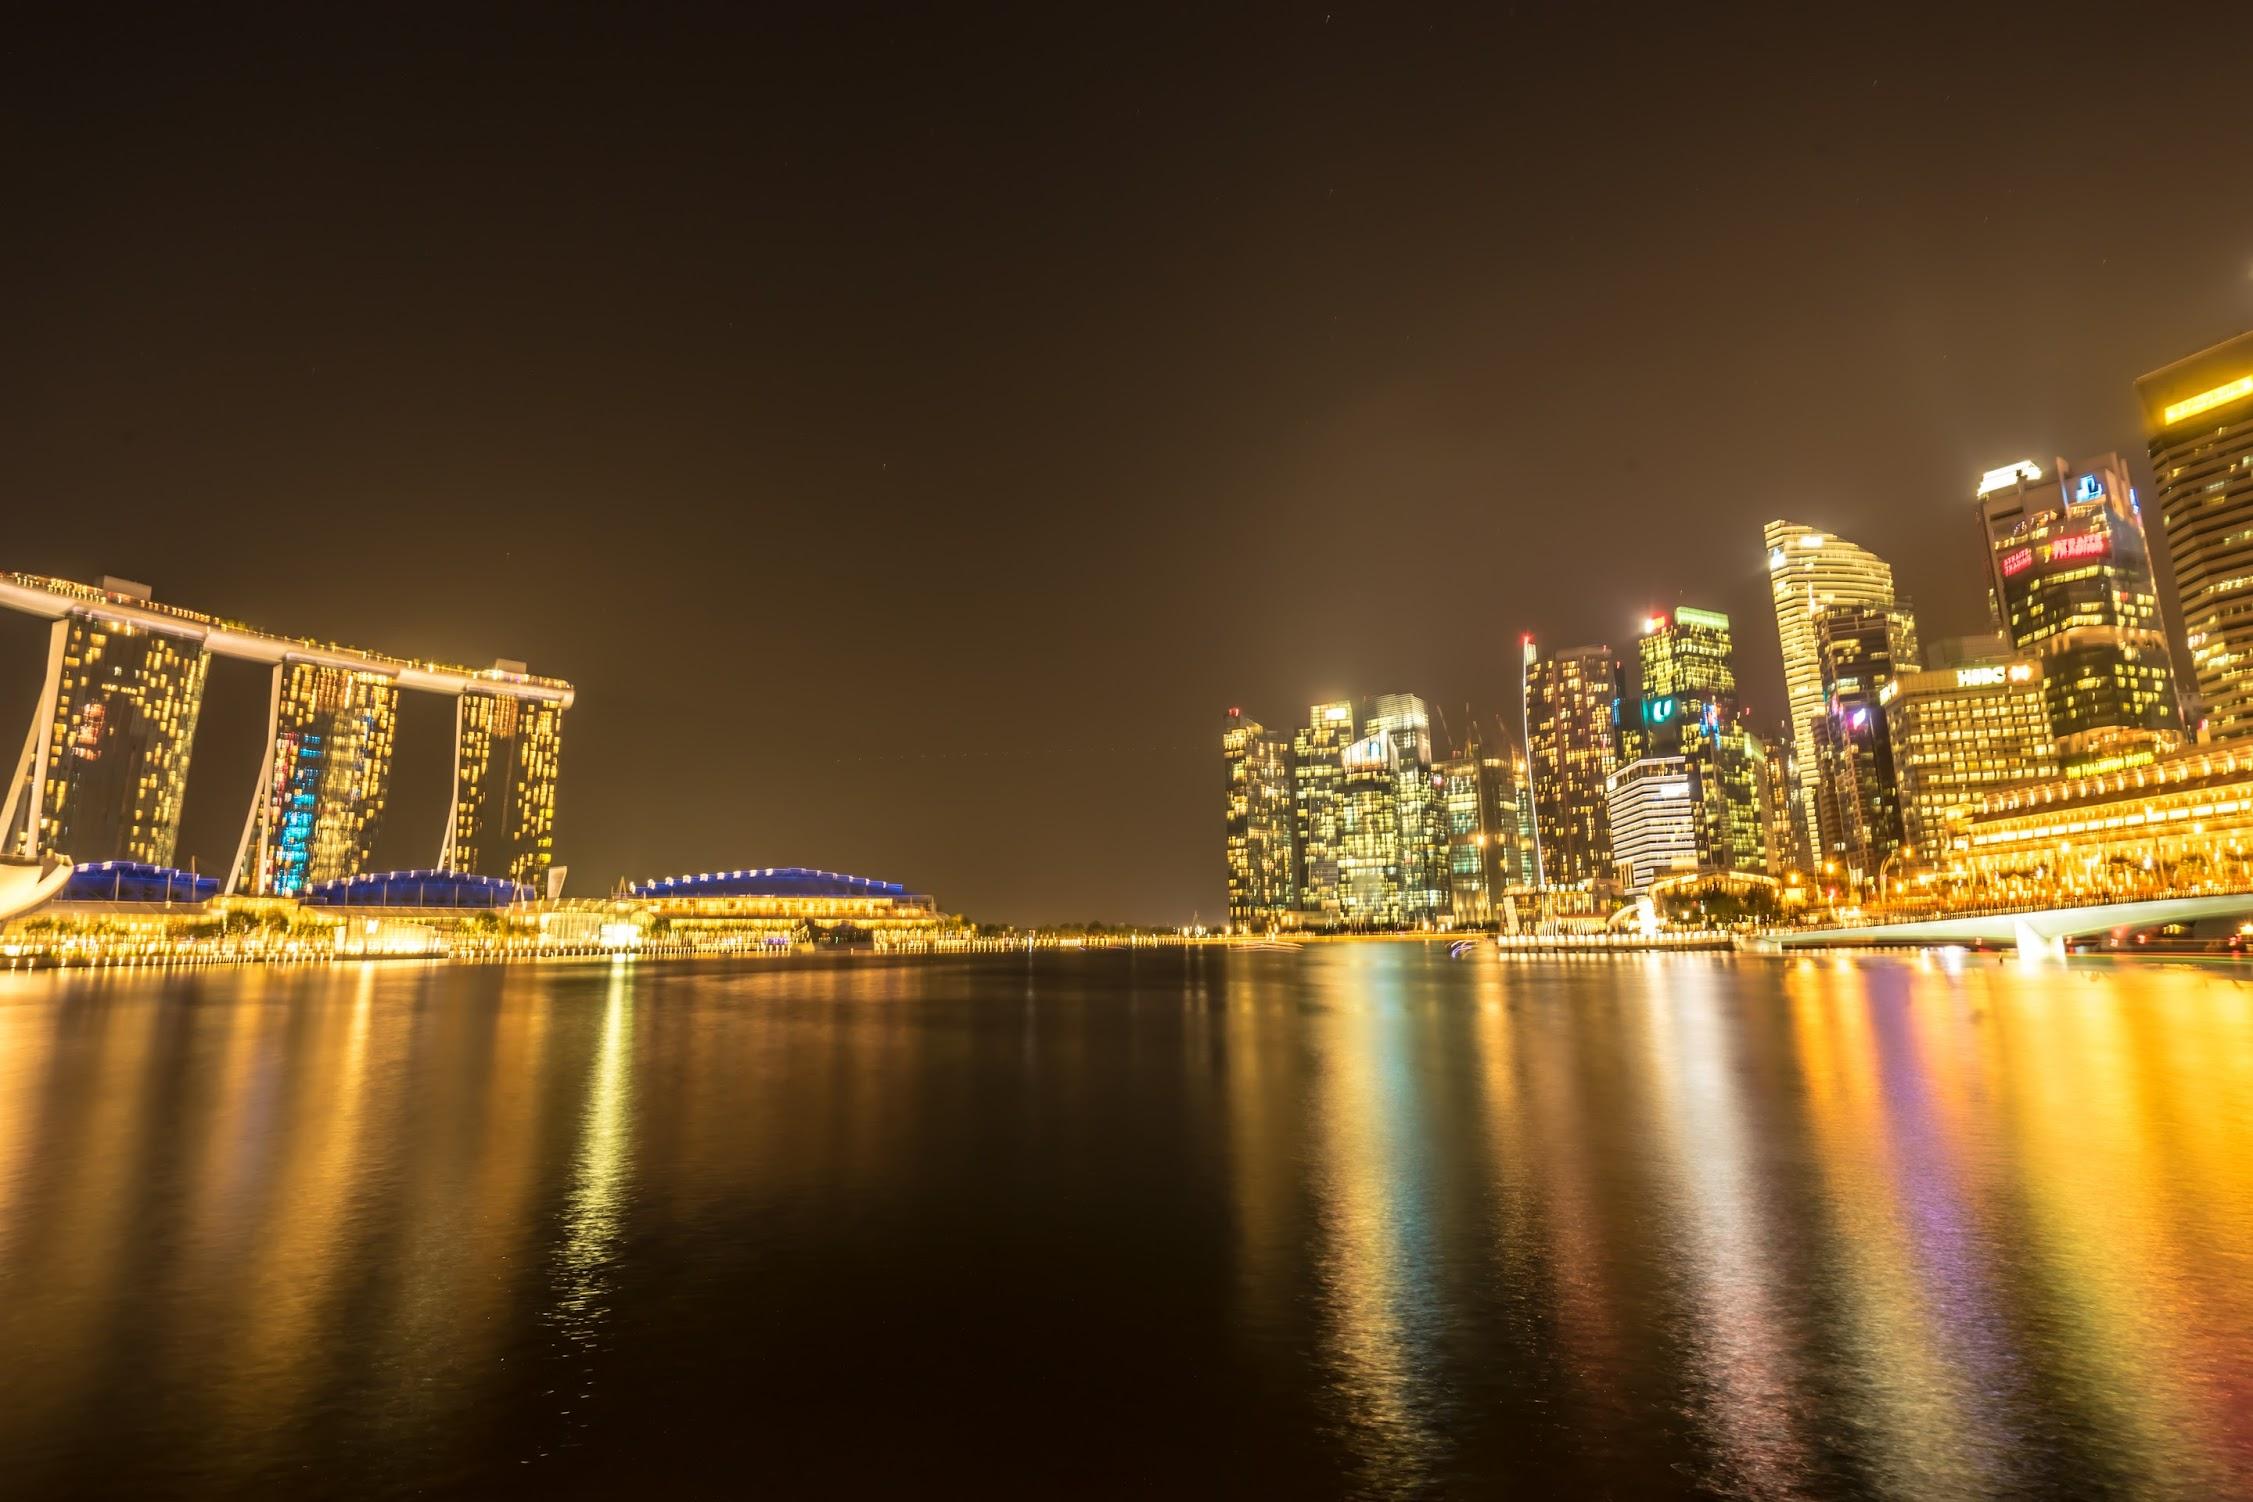 シンガポール マリーナ・ベイ・サンズ 夜景5